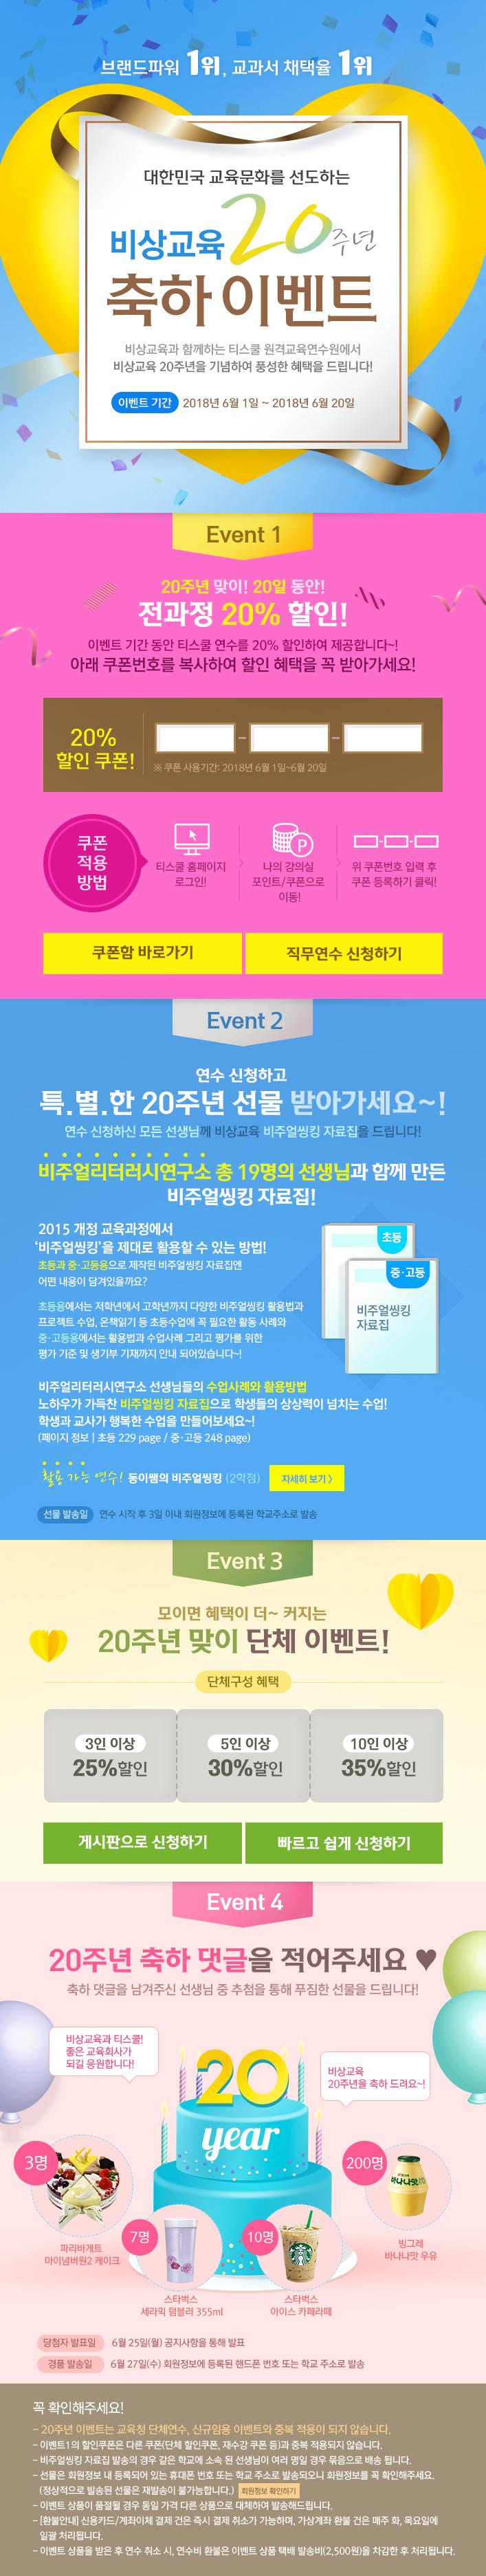 대한민국 교육문화를 선도하는 비상교육 20주년 축하 이벤트